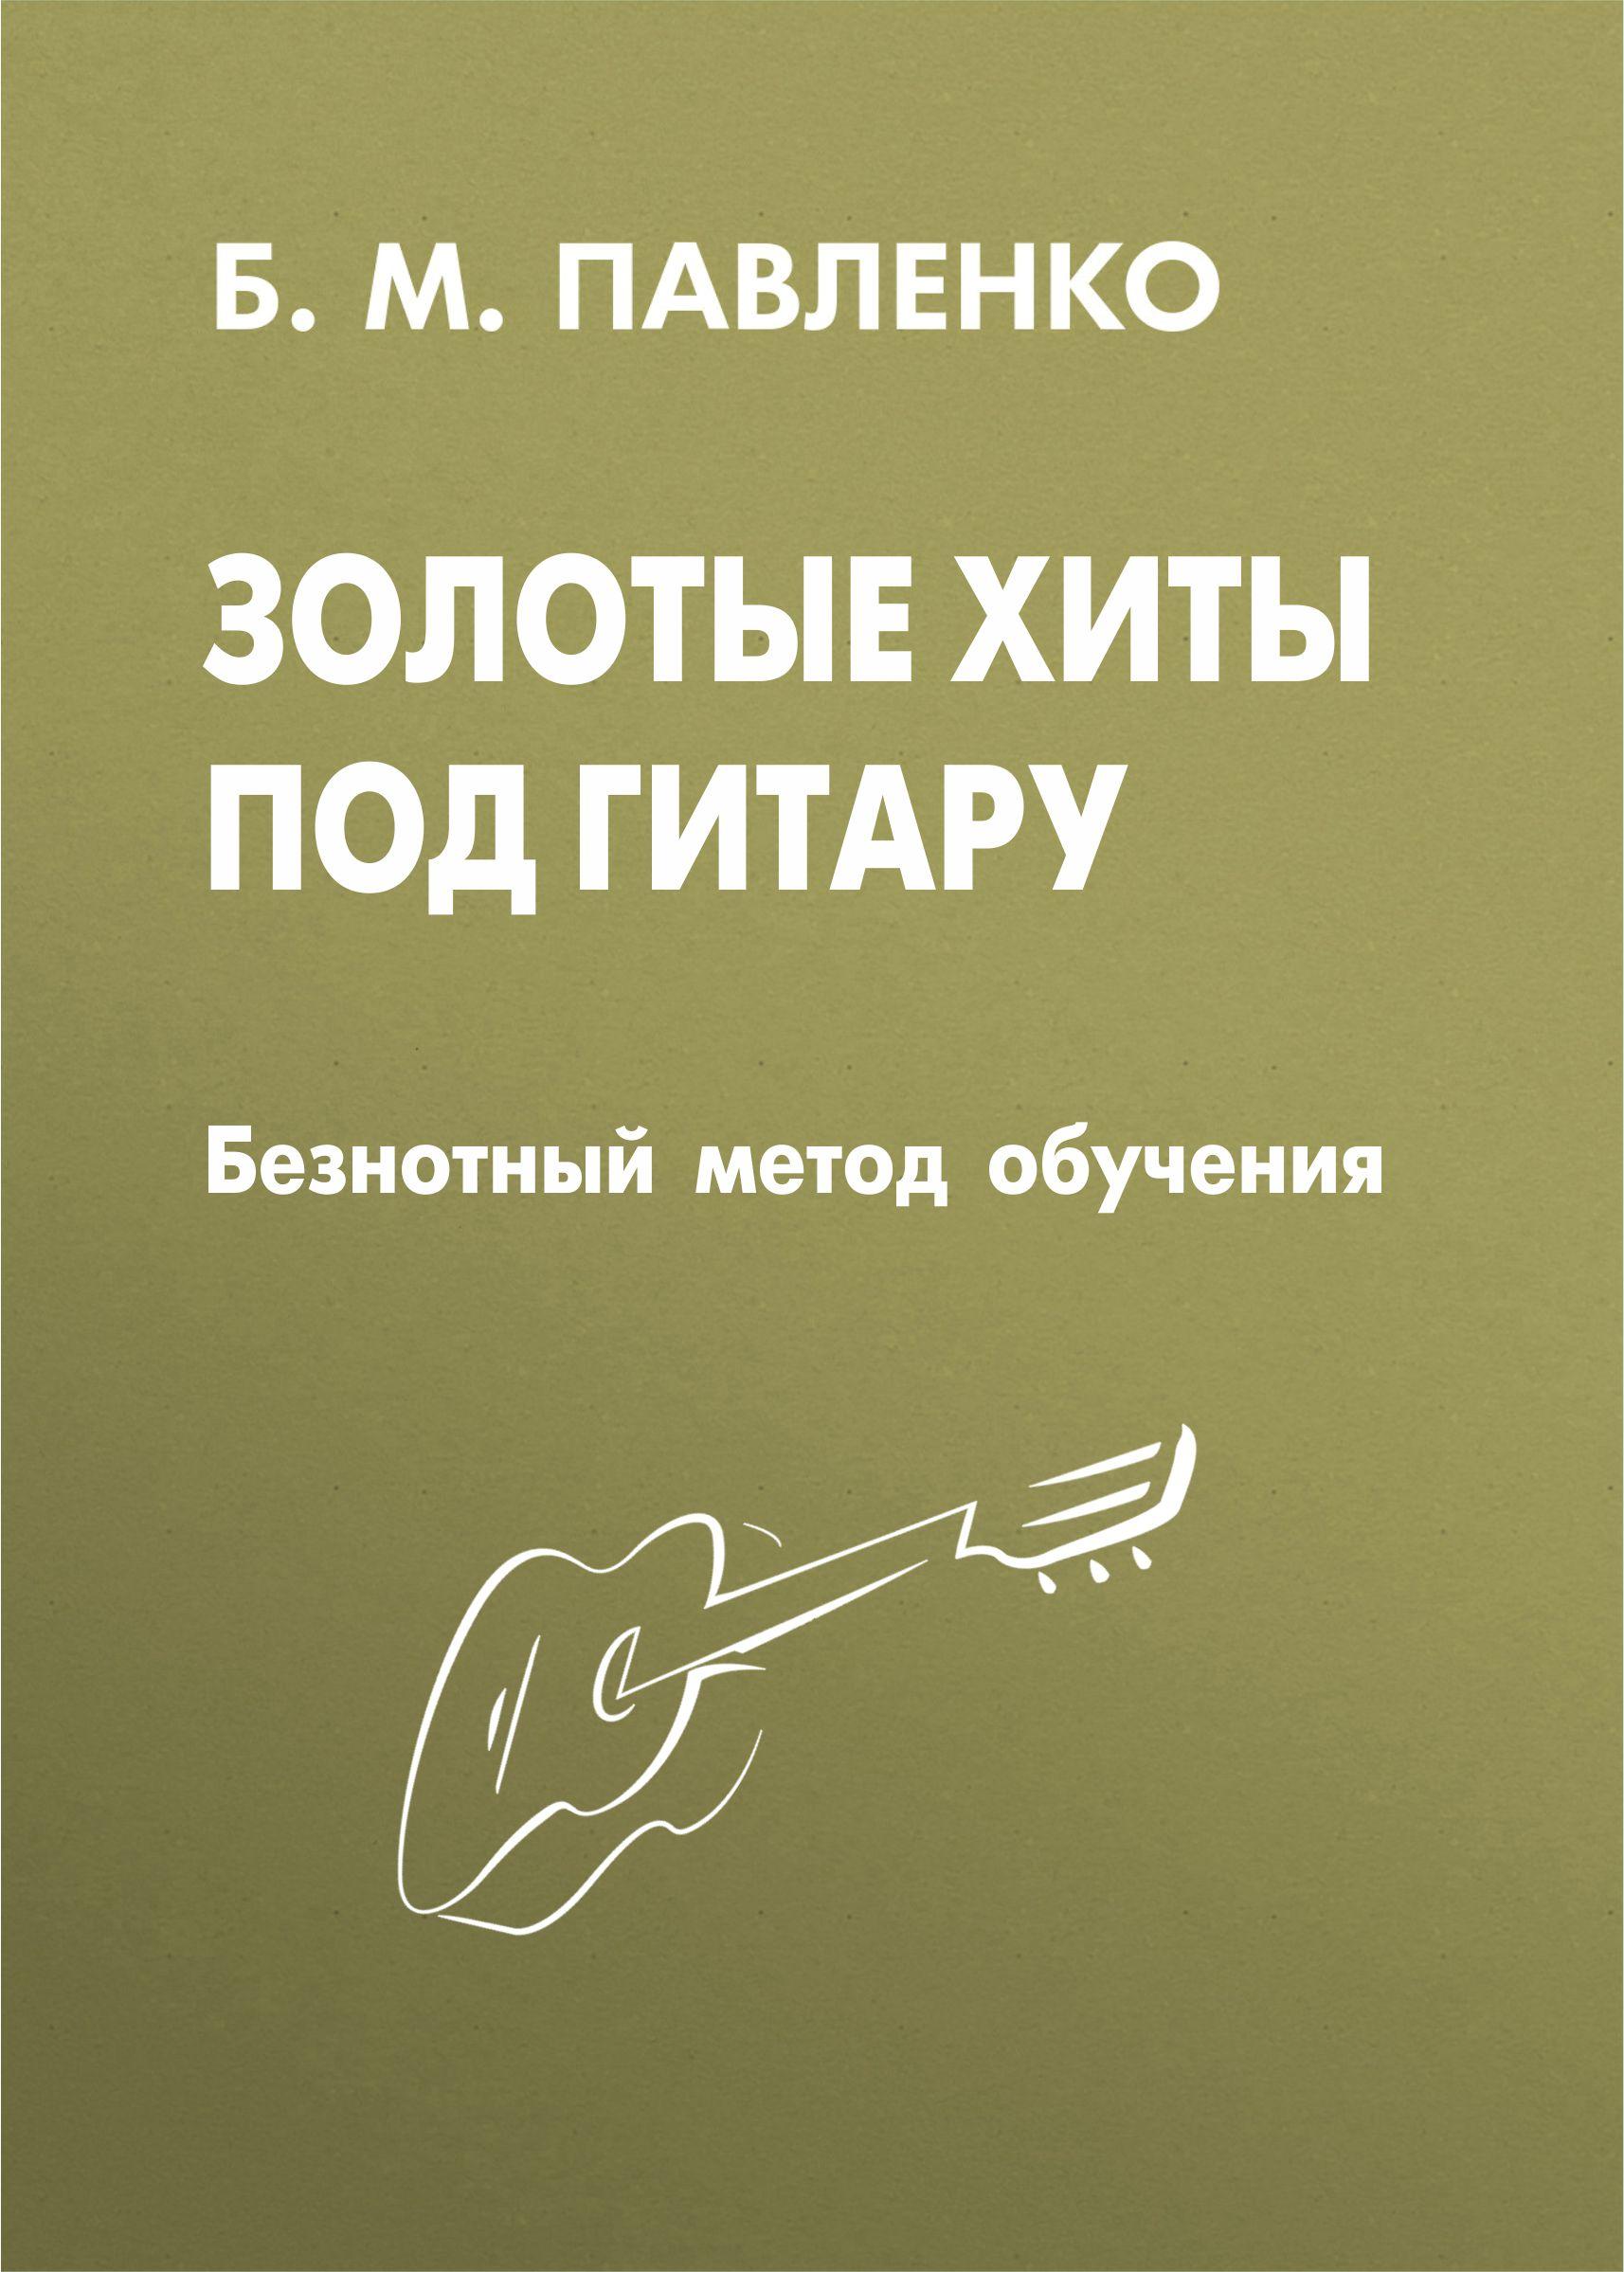 Б. М. Павленко Золотые хиты под гитару. Безнотный метод обучения б м павленко суперхиты под гитару для тех кто знает и не знает ноты учебно методическое пособие